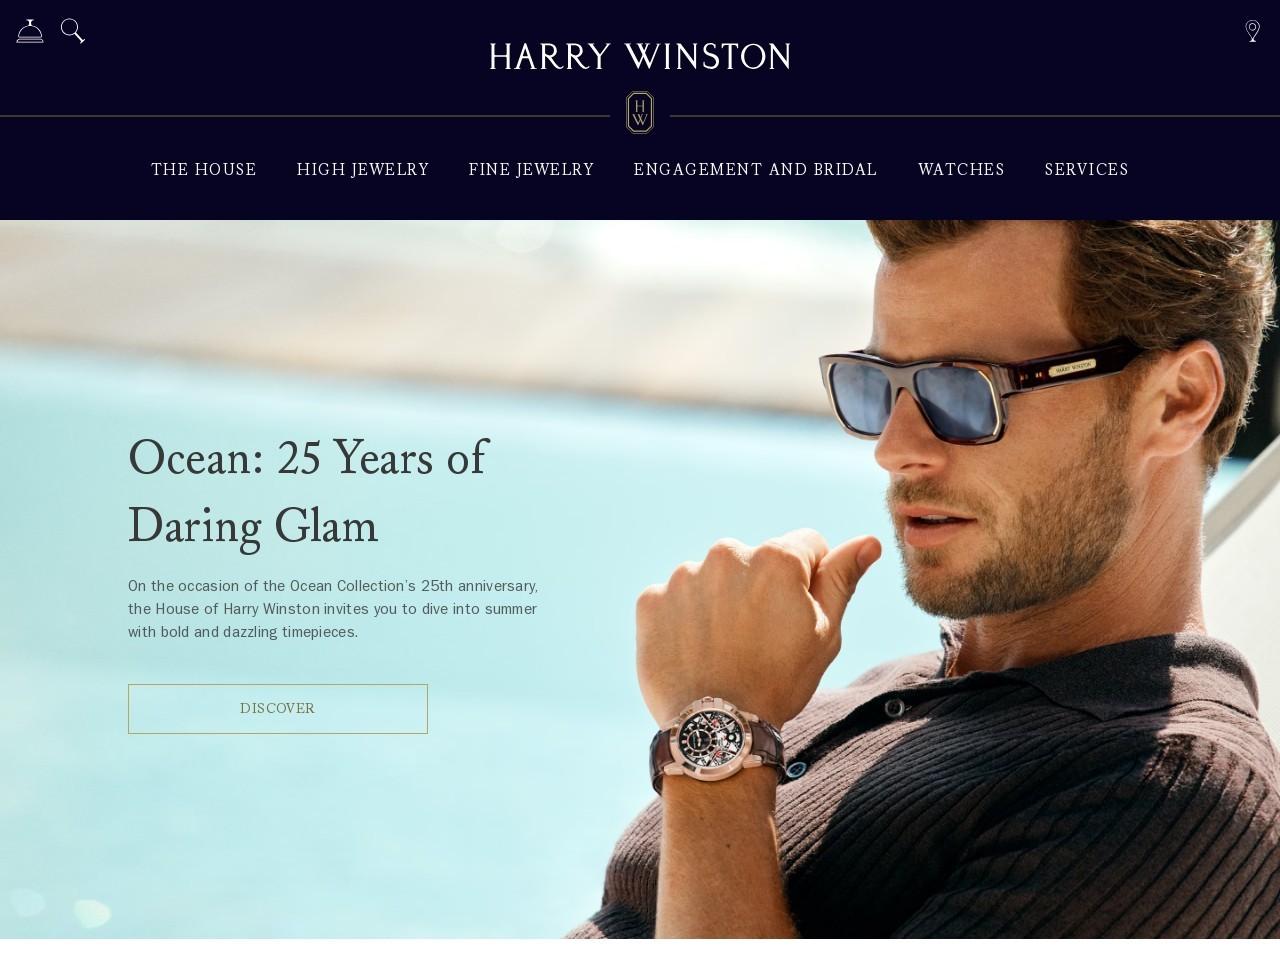 ダイヤモンド ジュエリー & ラグジュアリー ウォッチ | ハリー・ウィンストン